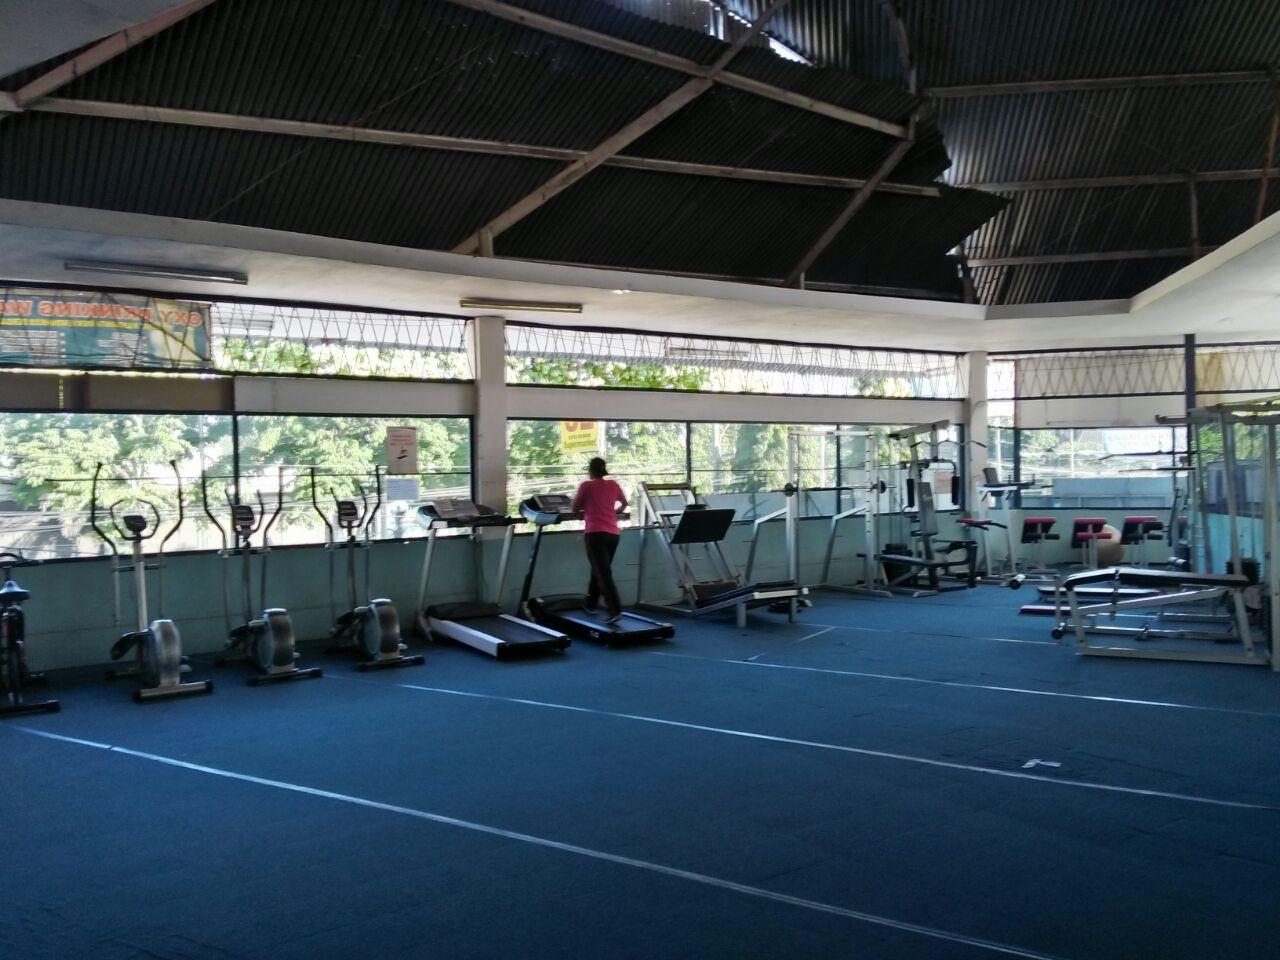 hawa-gym-cabang-tohpati-bali-1